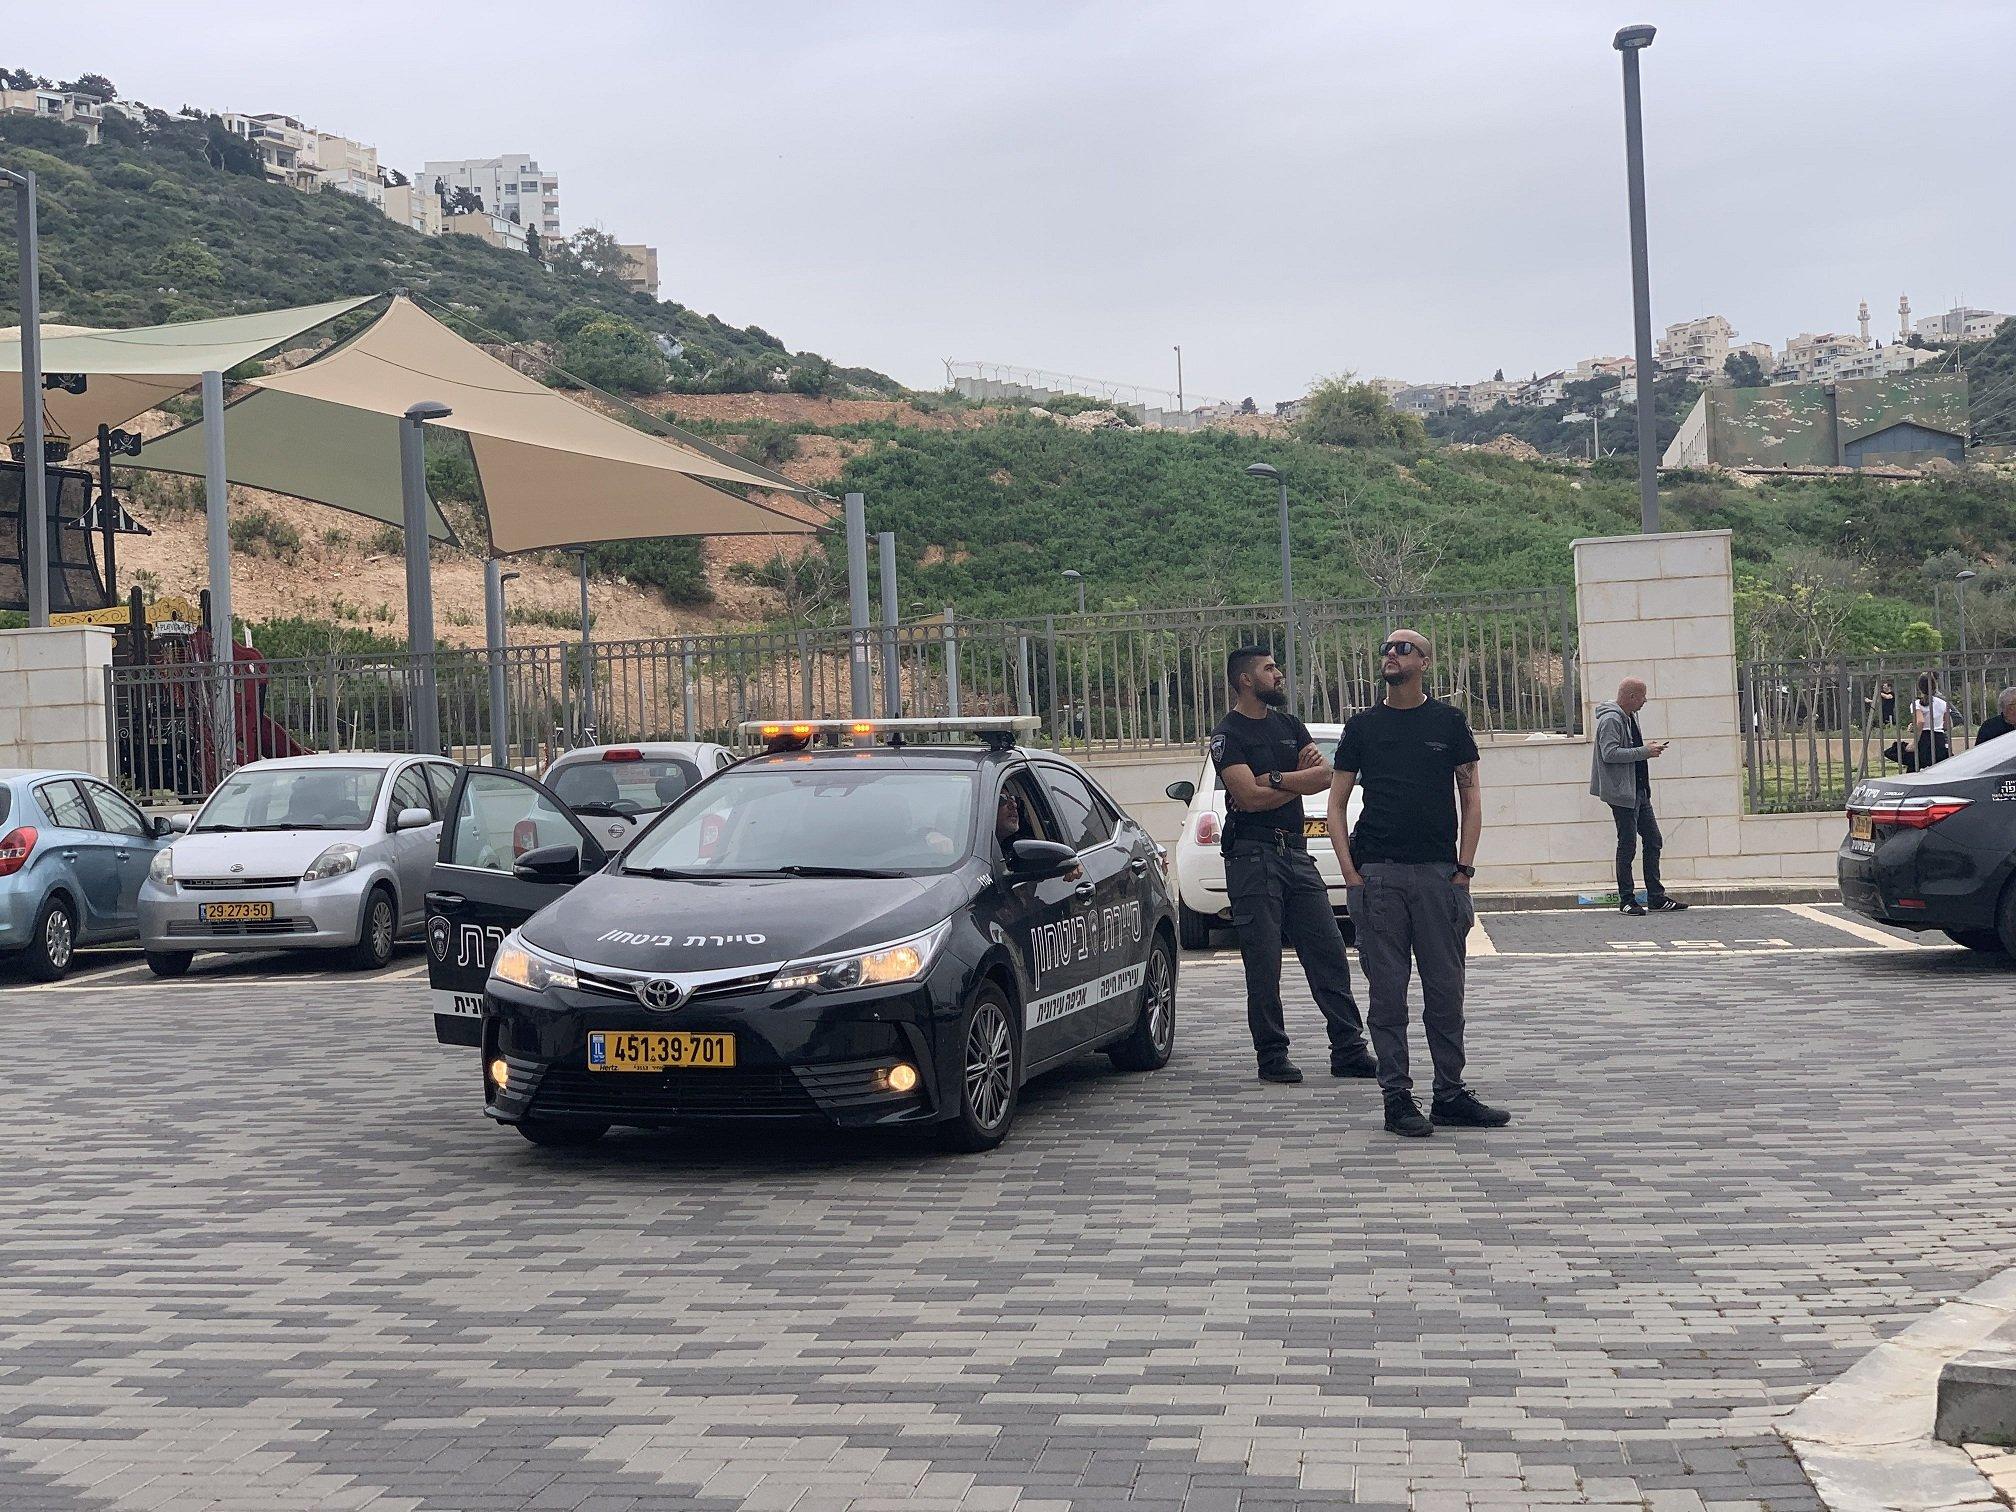 حيفا: سيارة متنقلة للبلدية تنظم احتفالات للسكان للتخفيف من أزمة الكورونا